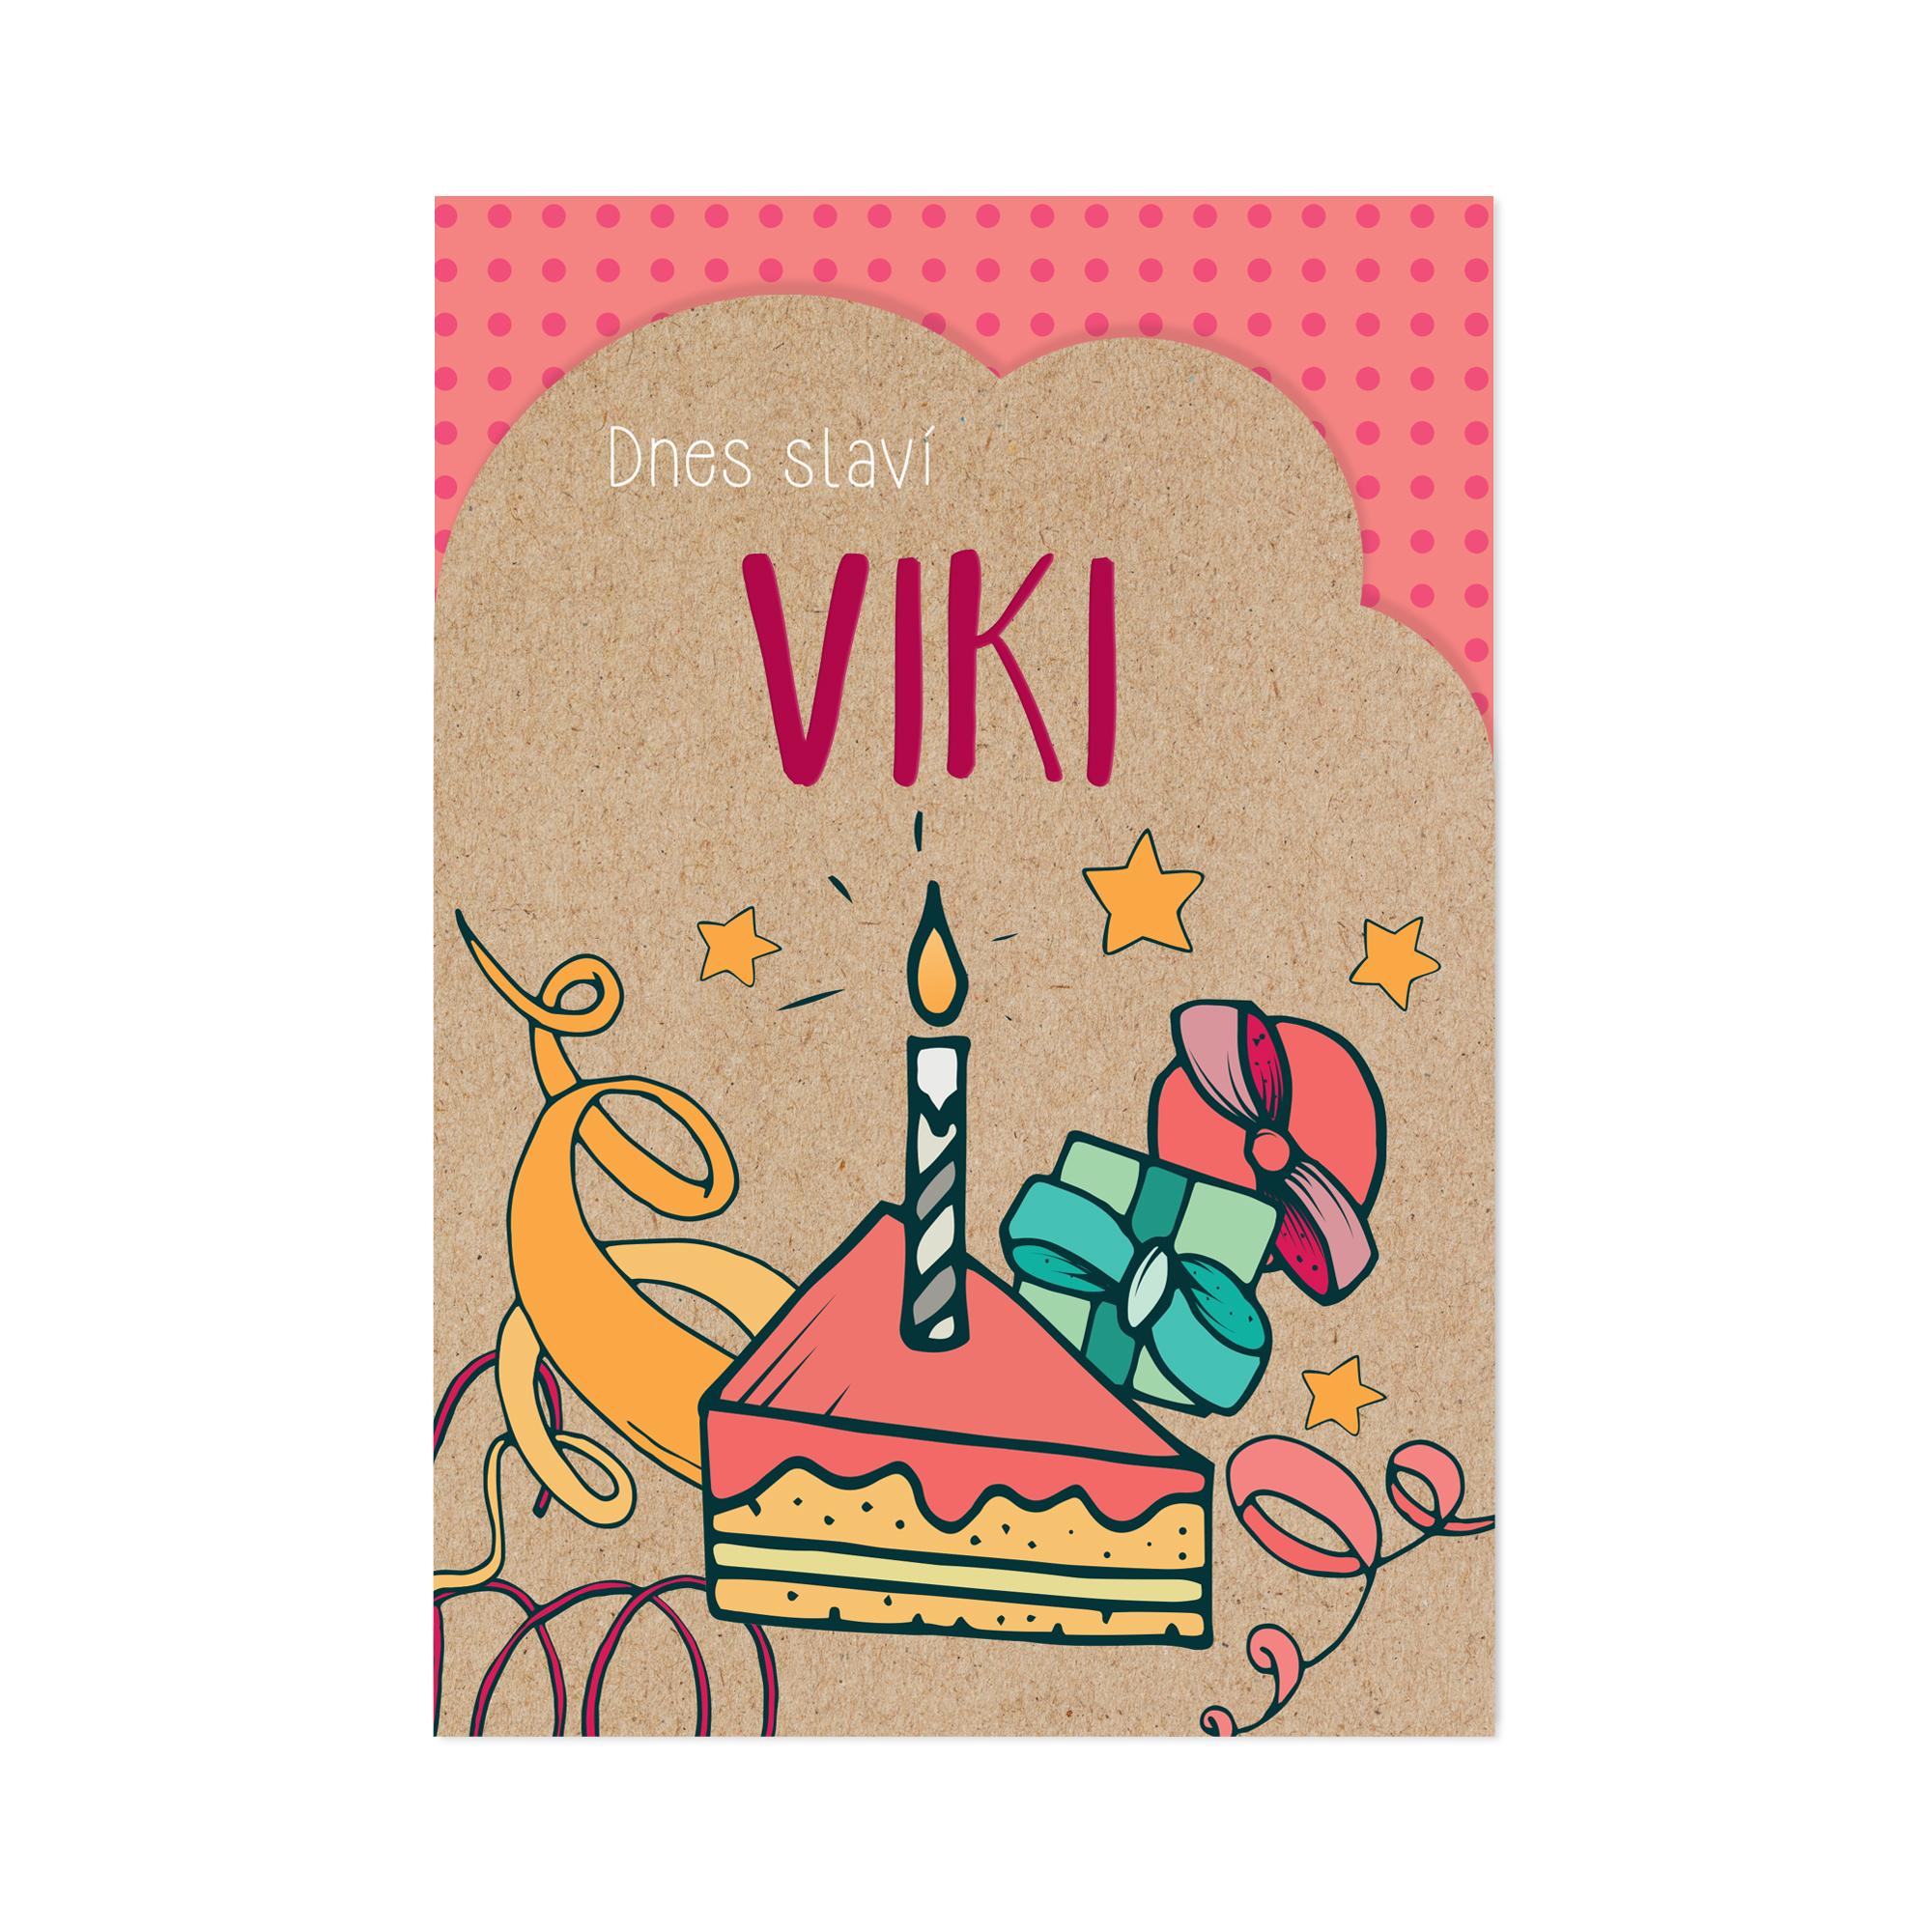 Přání - Viki